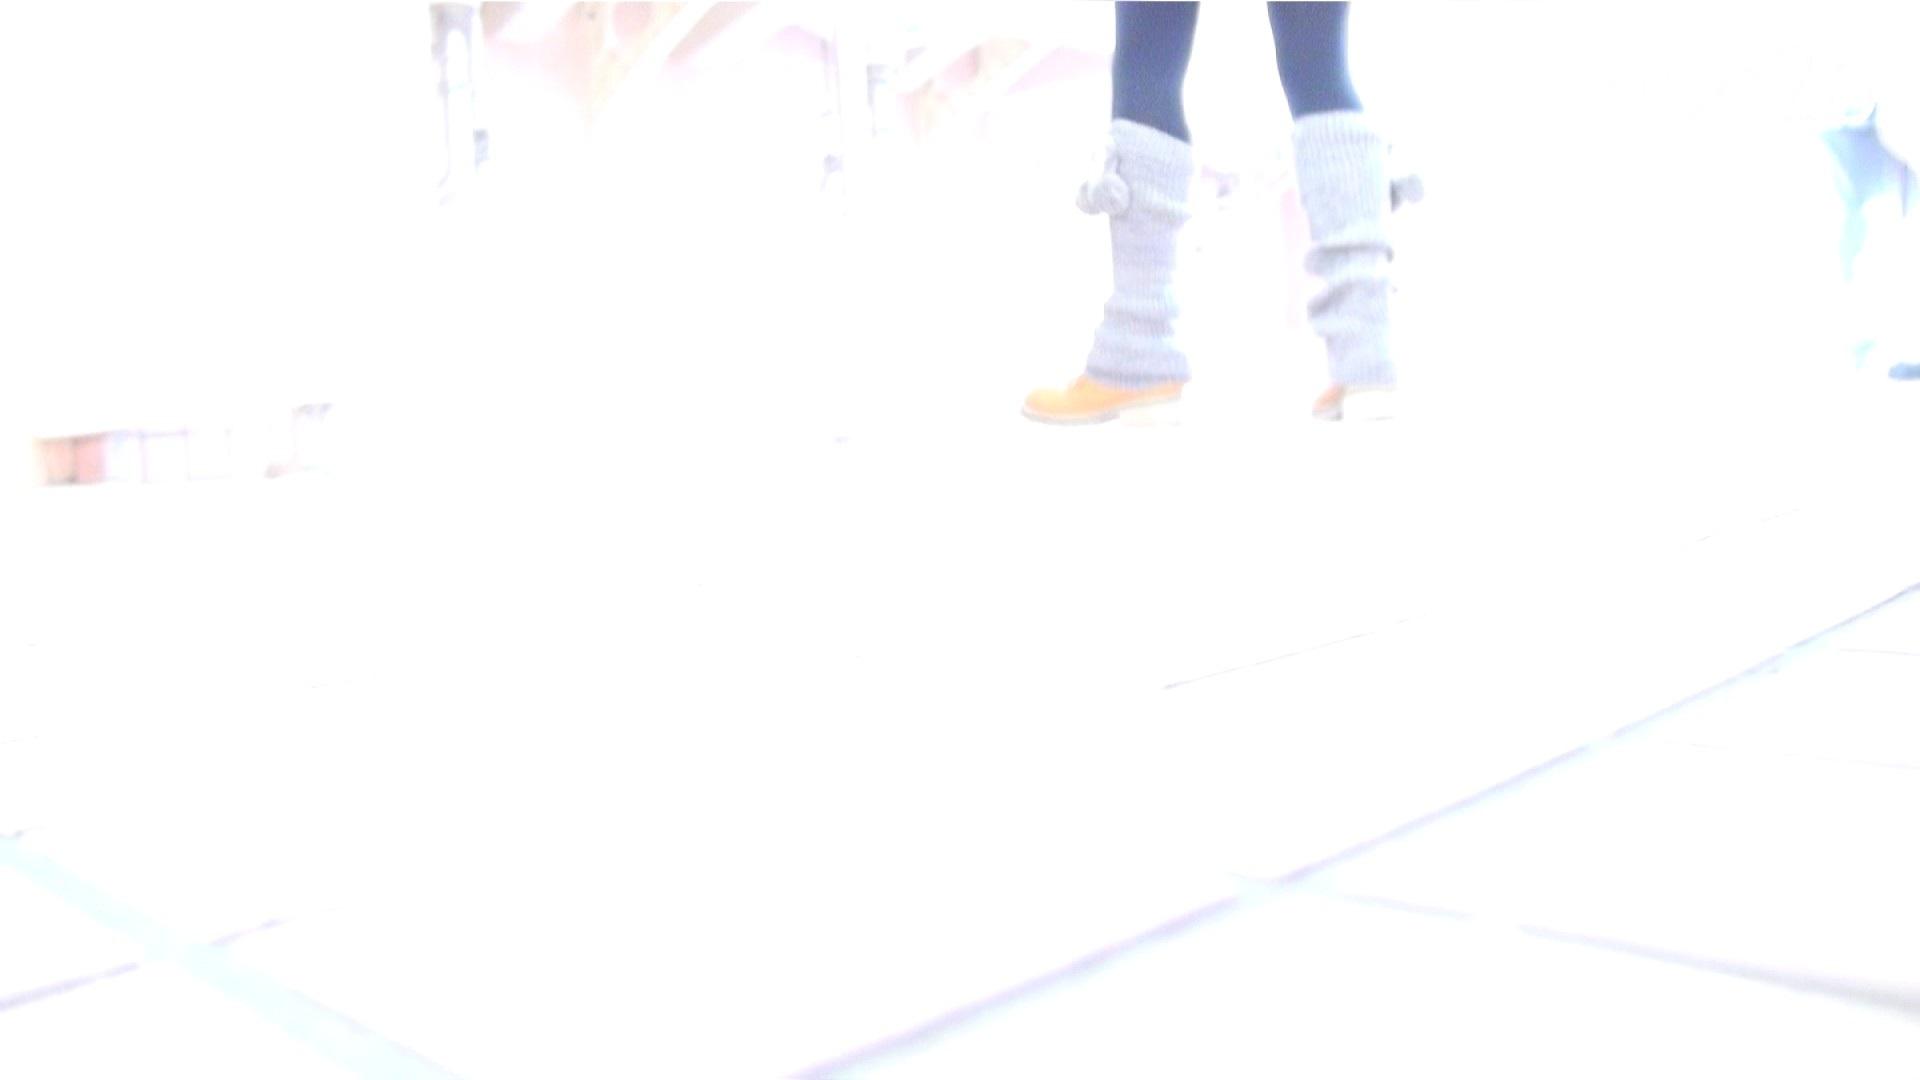 ▲復活限定▲ハイビジョン 盗神伝 Vol.26 盗撮エロすぎ | 洗面所着替え  80連発 51